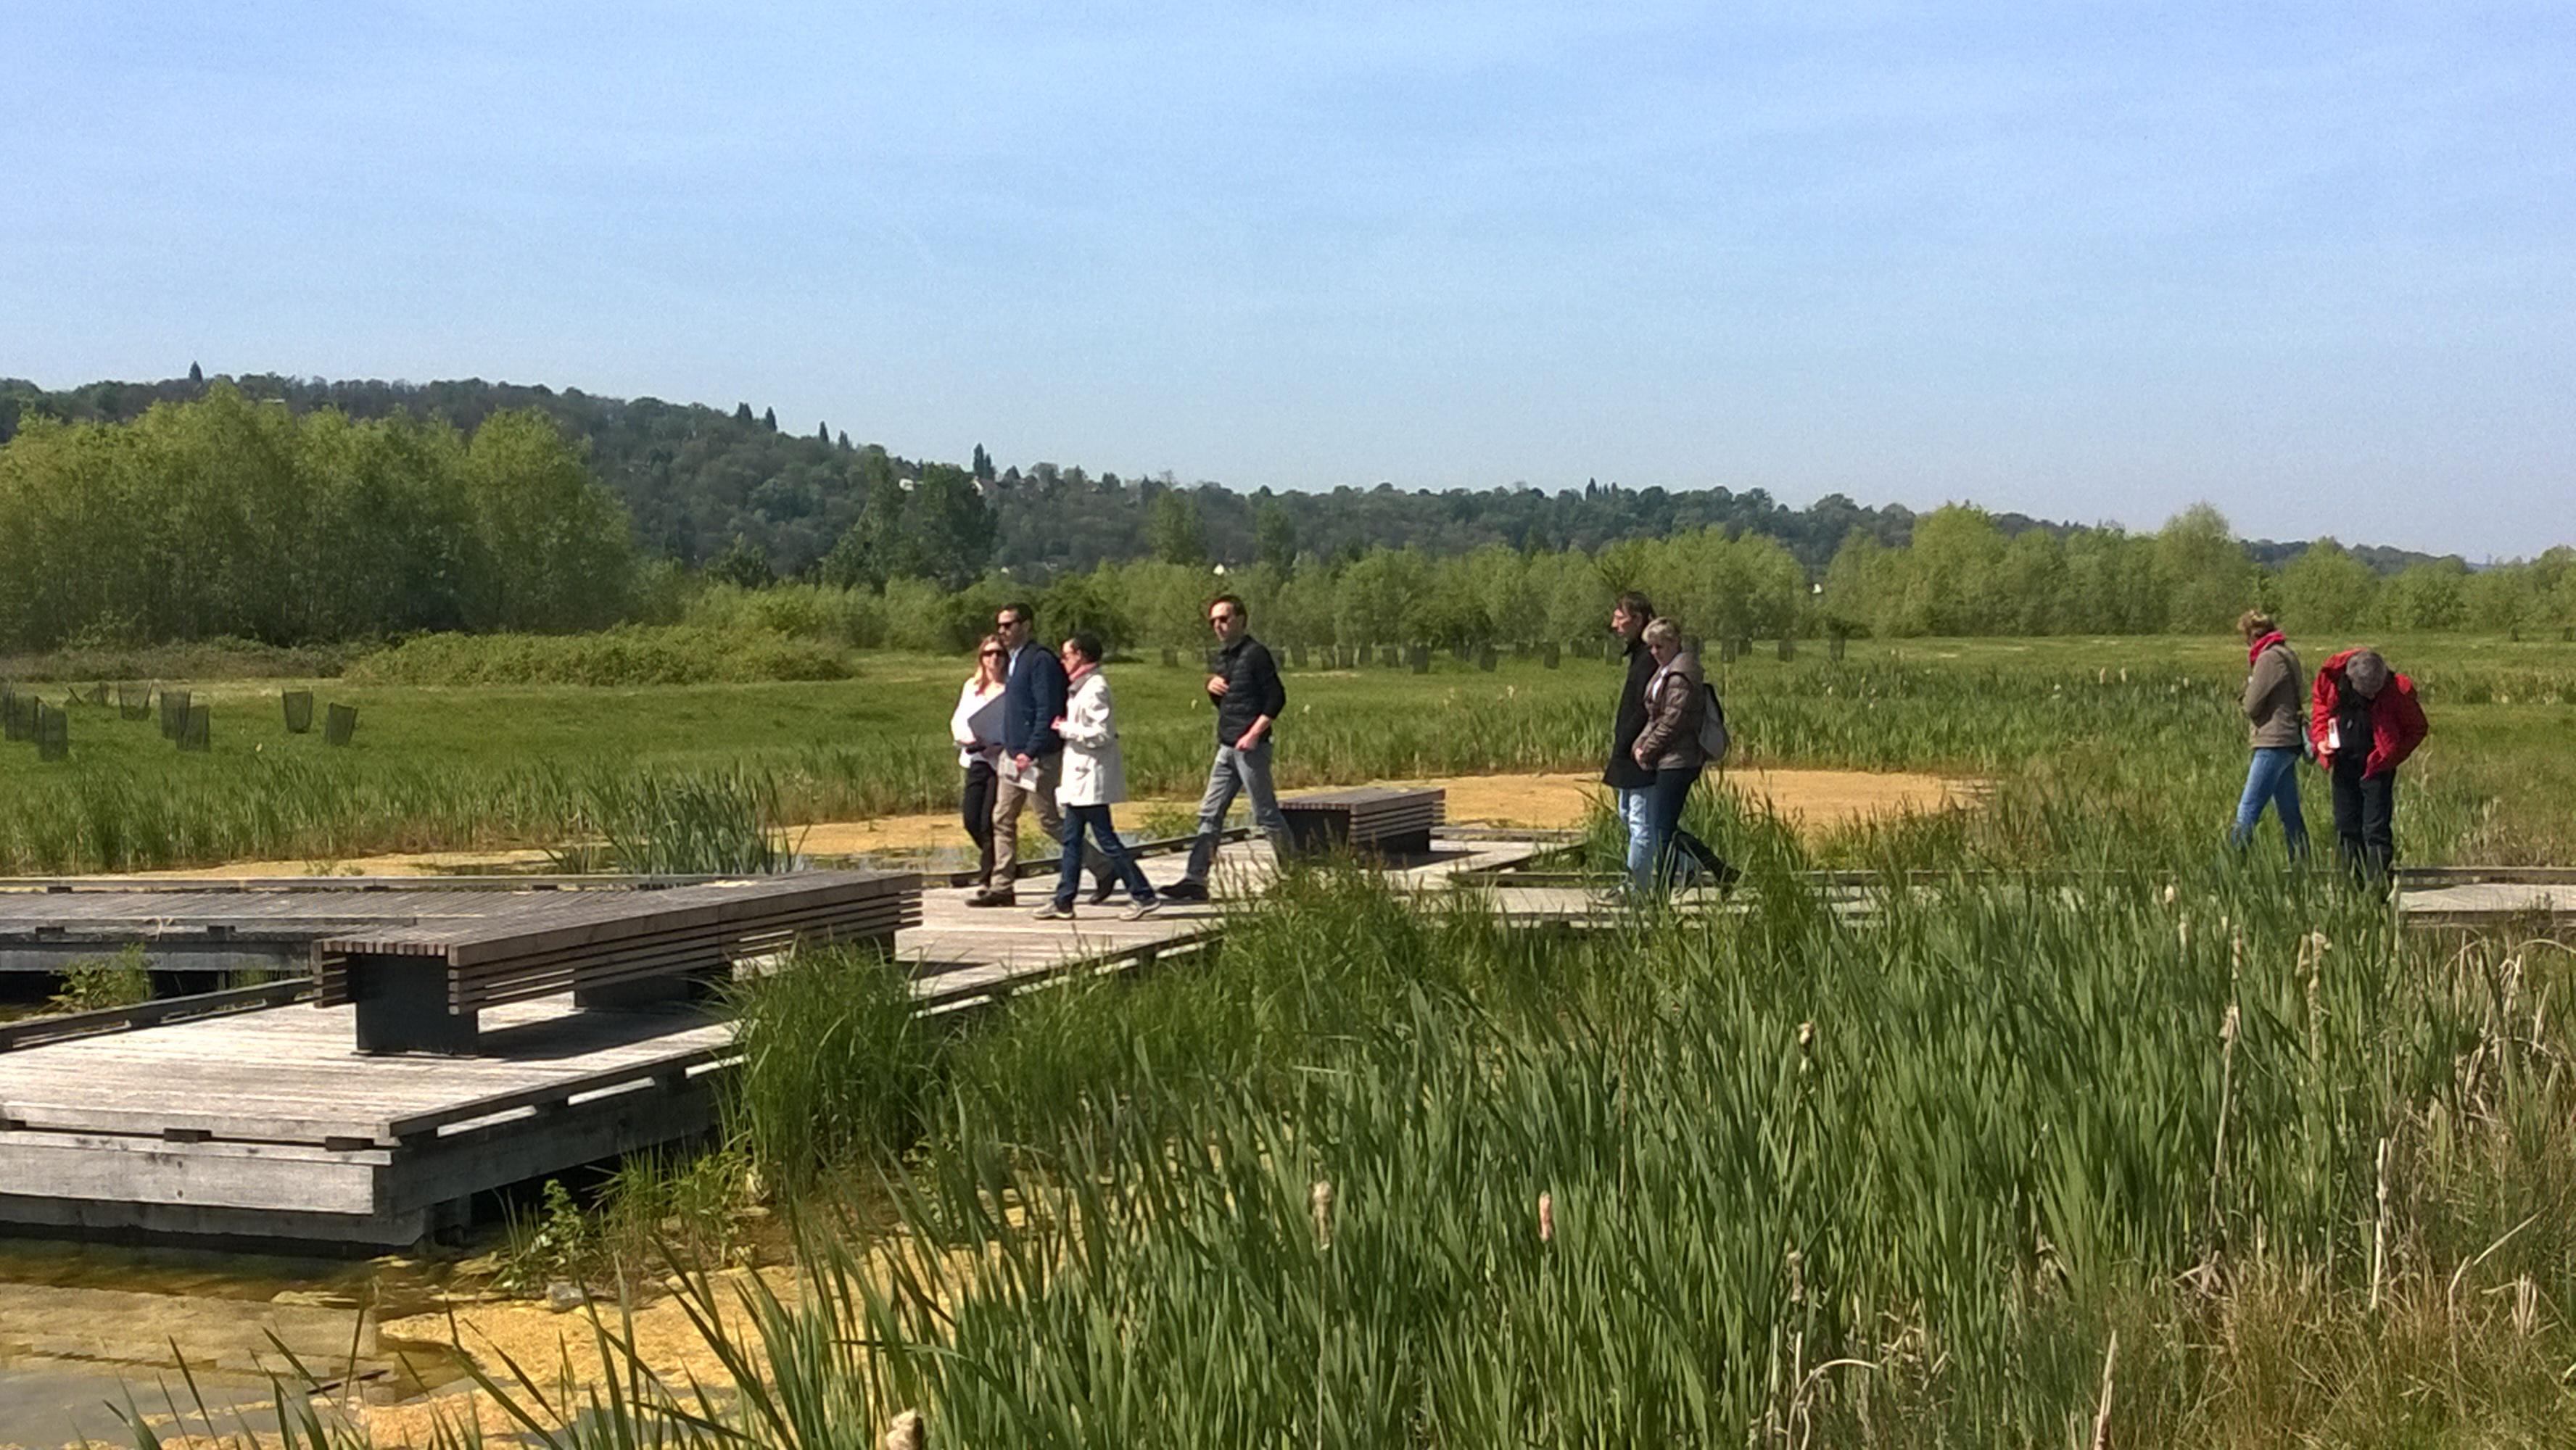 Visite d cou verte en yvelines au parc du peuple de l for Parc yvelines visiter